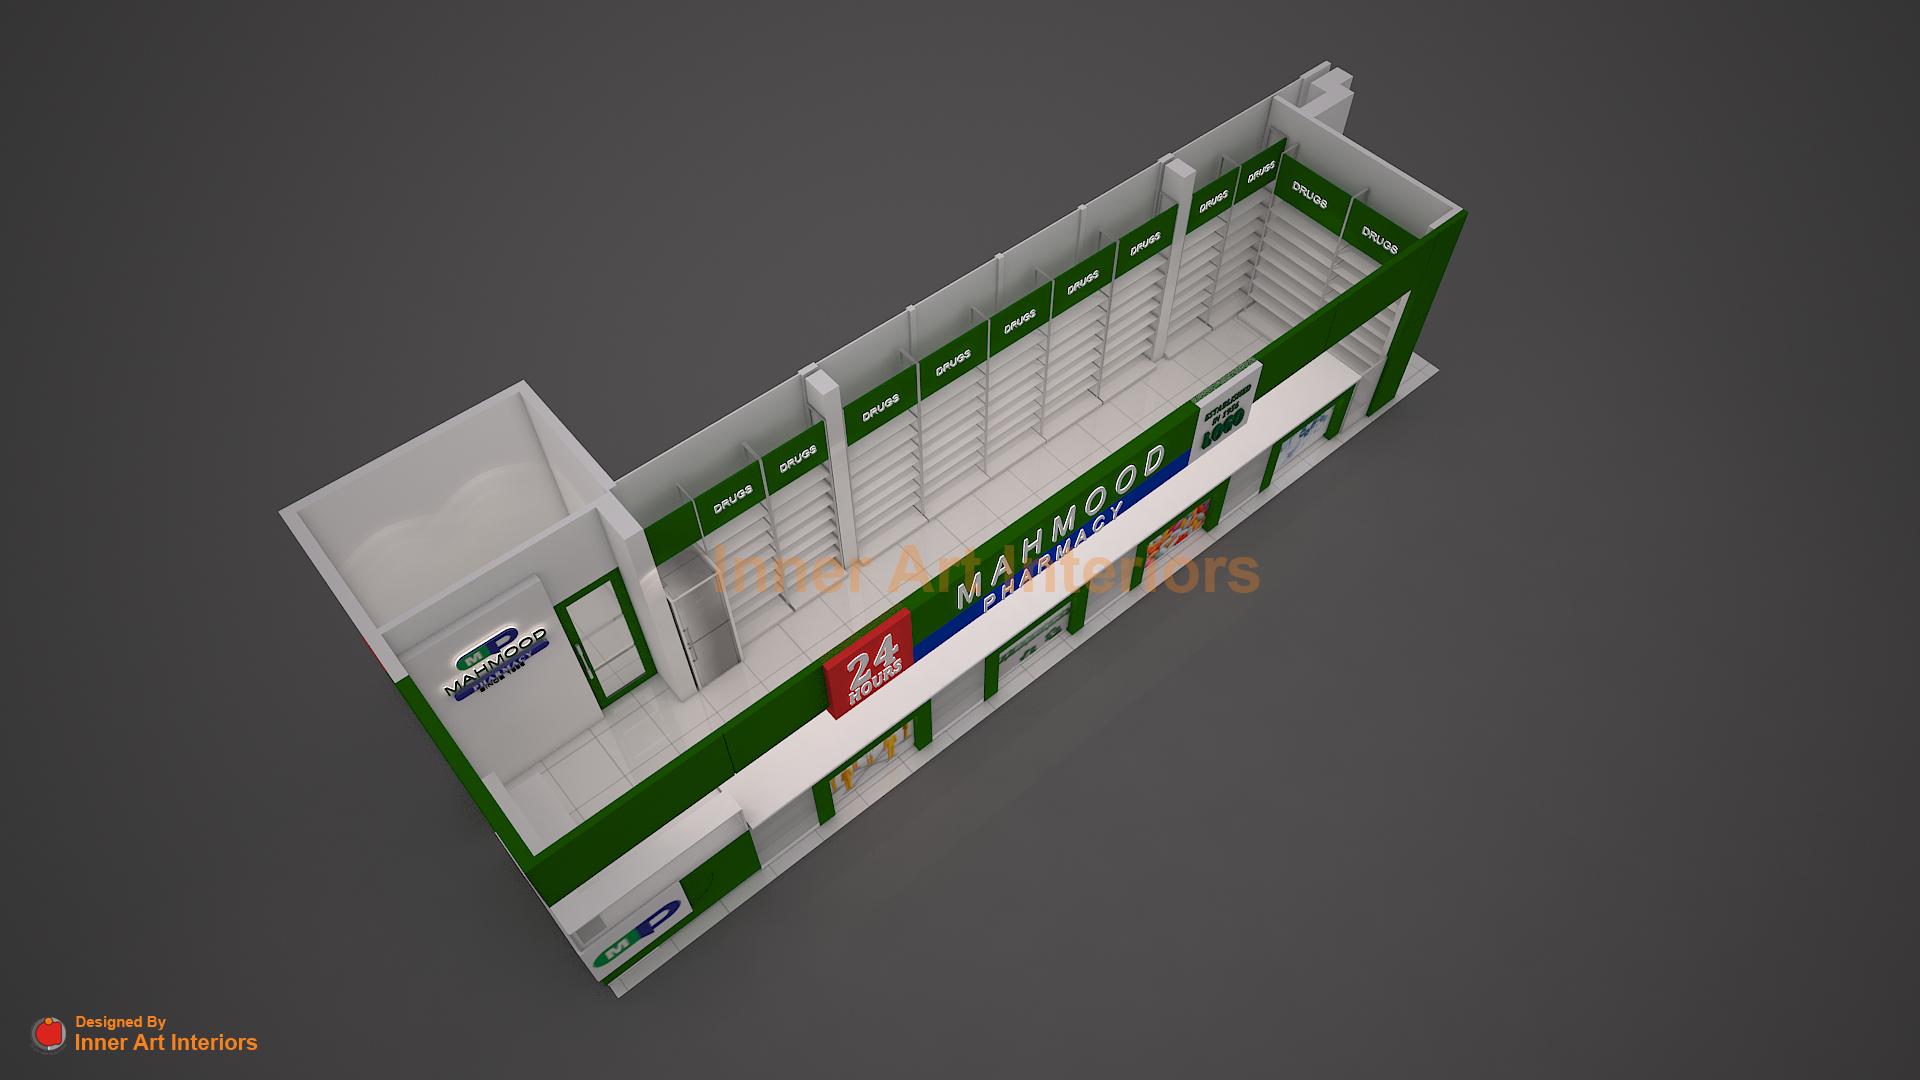 mahmood pharmacy